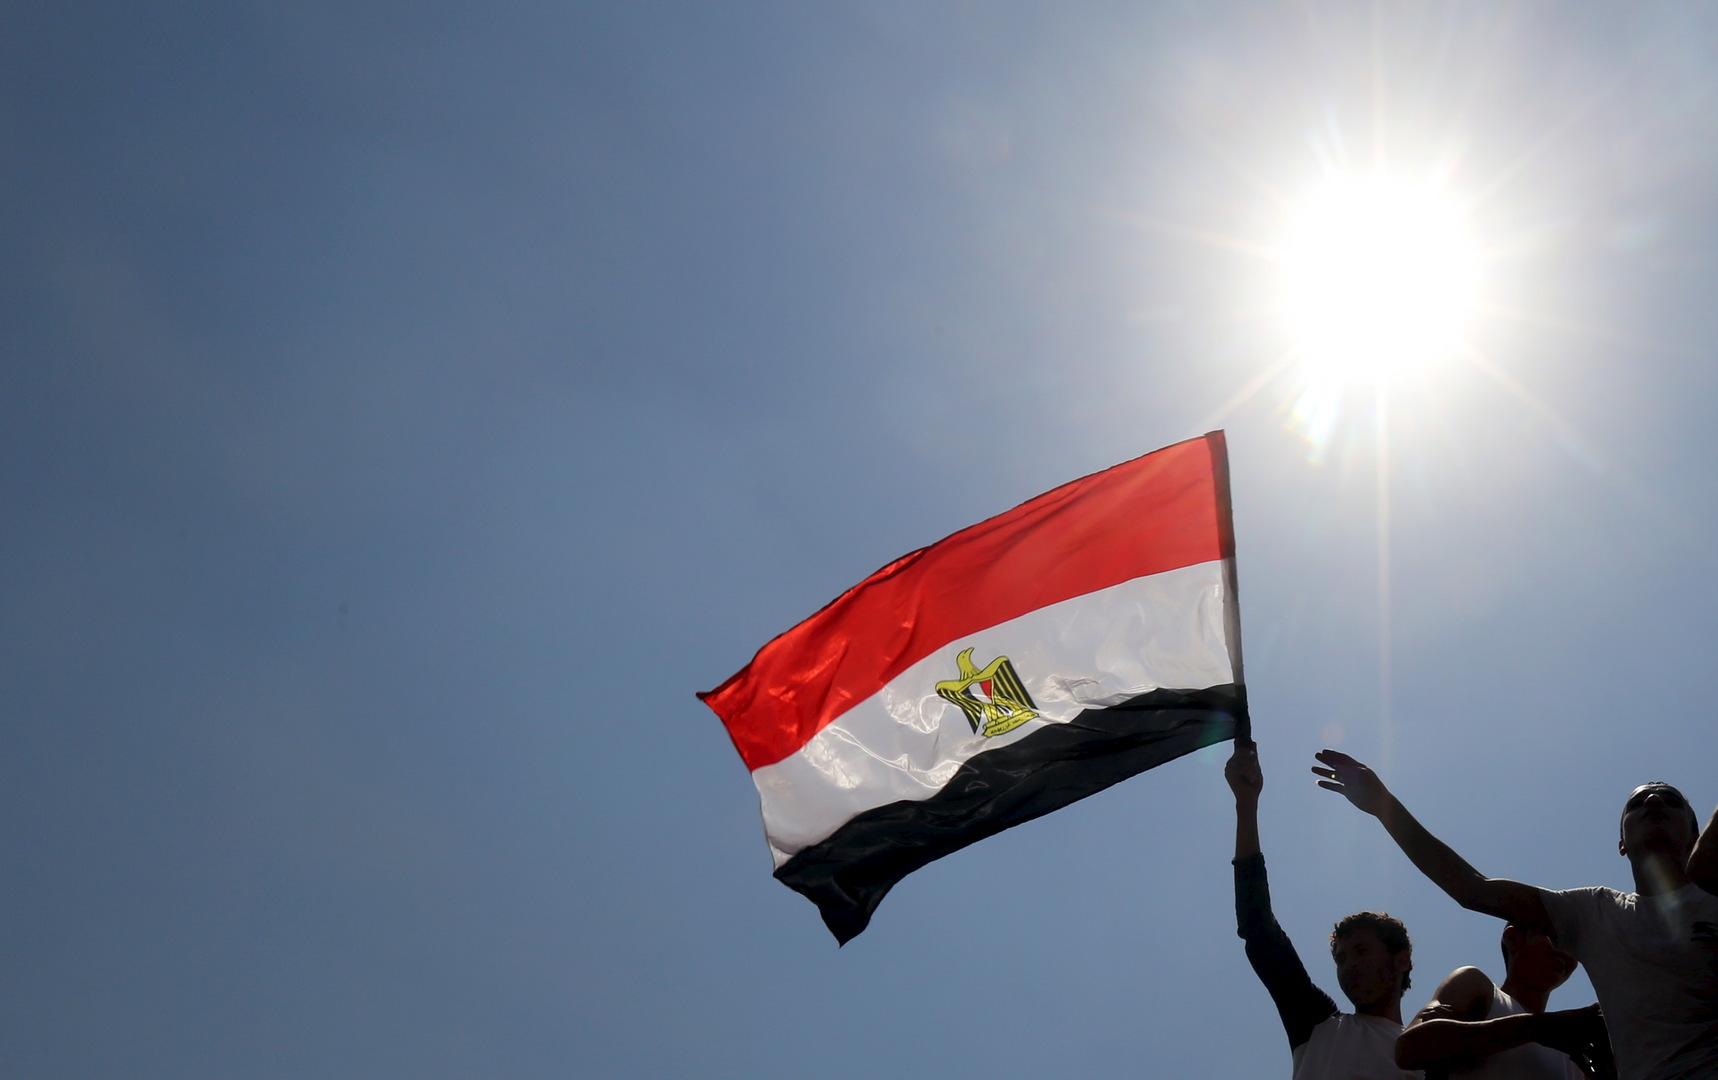 الإفتاء المصرية: تركيا تهدف لإحياء الإمبراطورية العثمانية بإشعال الأزمة في ليبيا